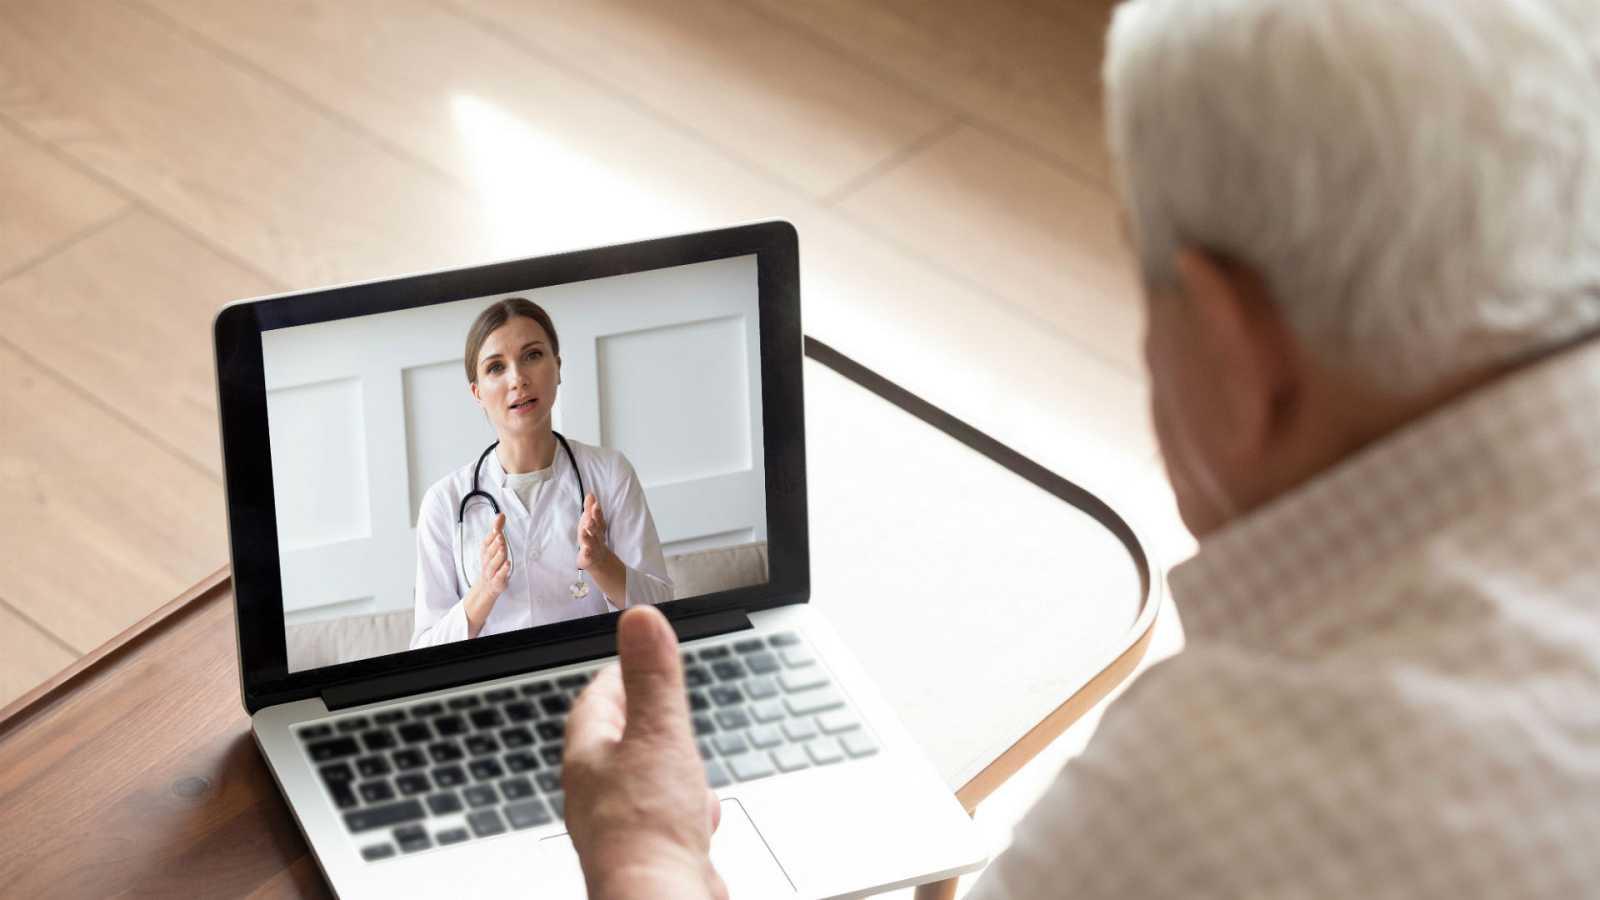 A su salud - La telemedicina ya está aquí - 06/11/20 - Escuchar ahora